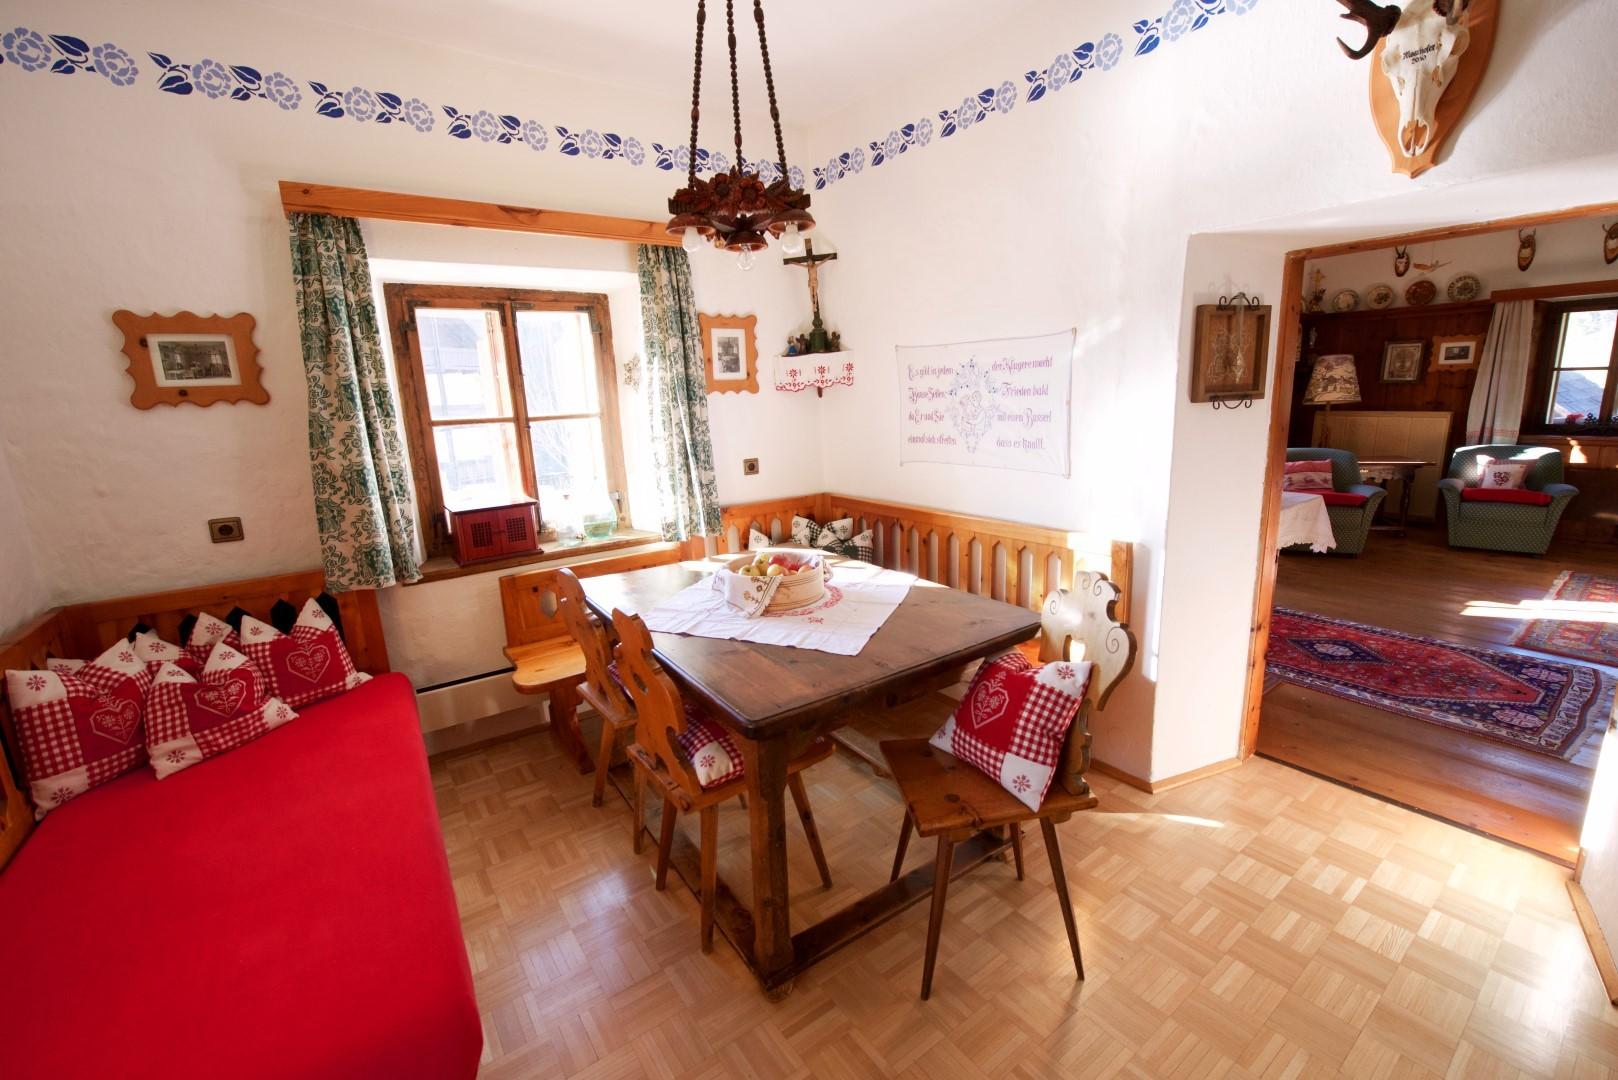 Wohnküche mit Blick in die Jagdstube (Wohnzimmer)